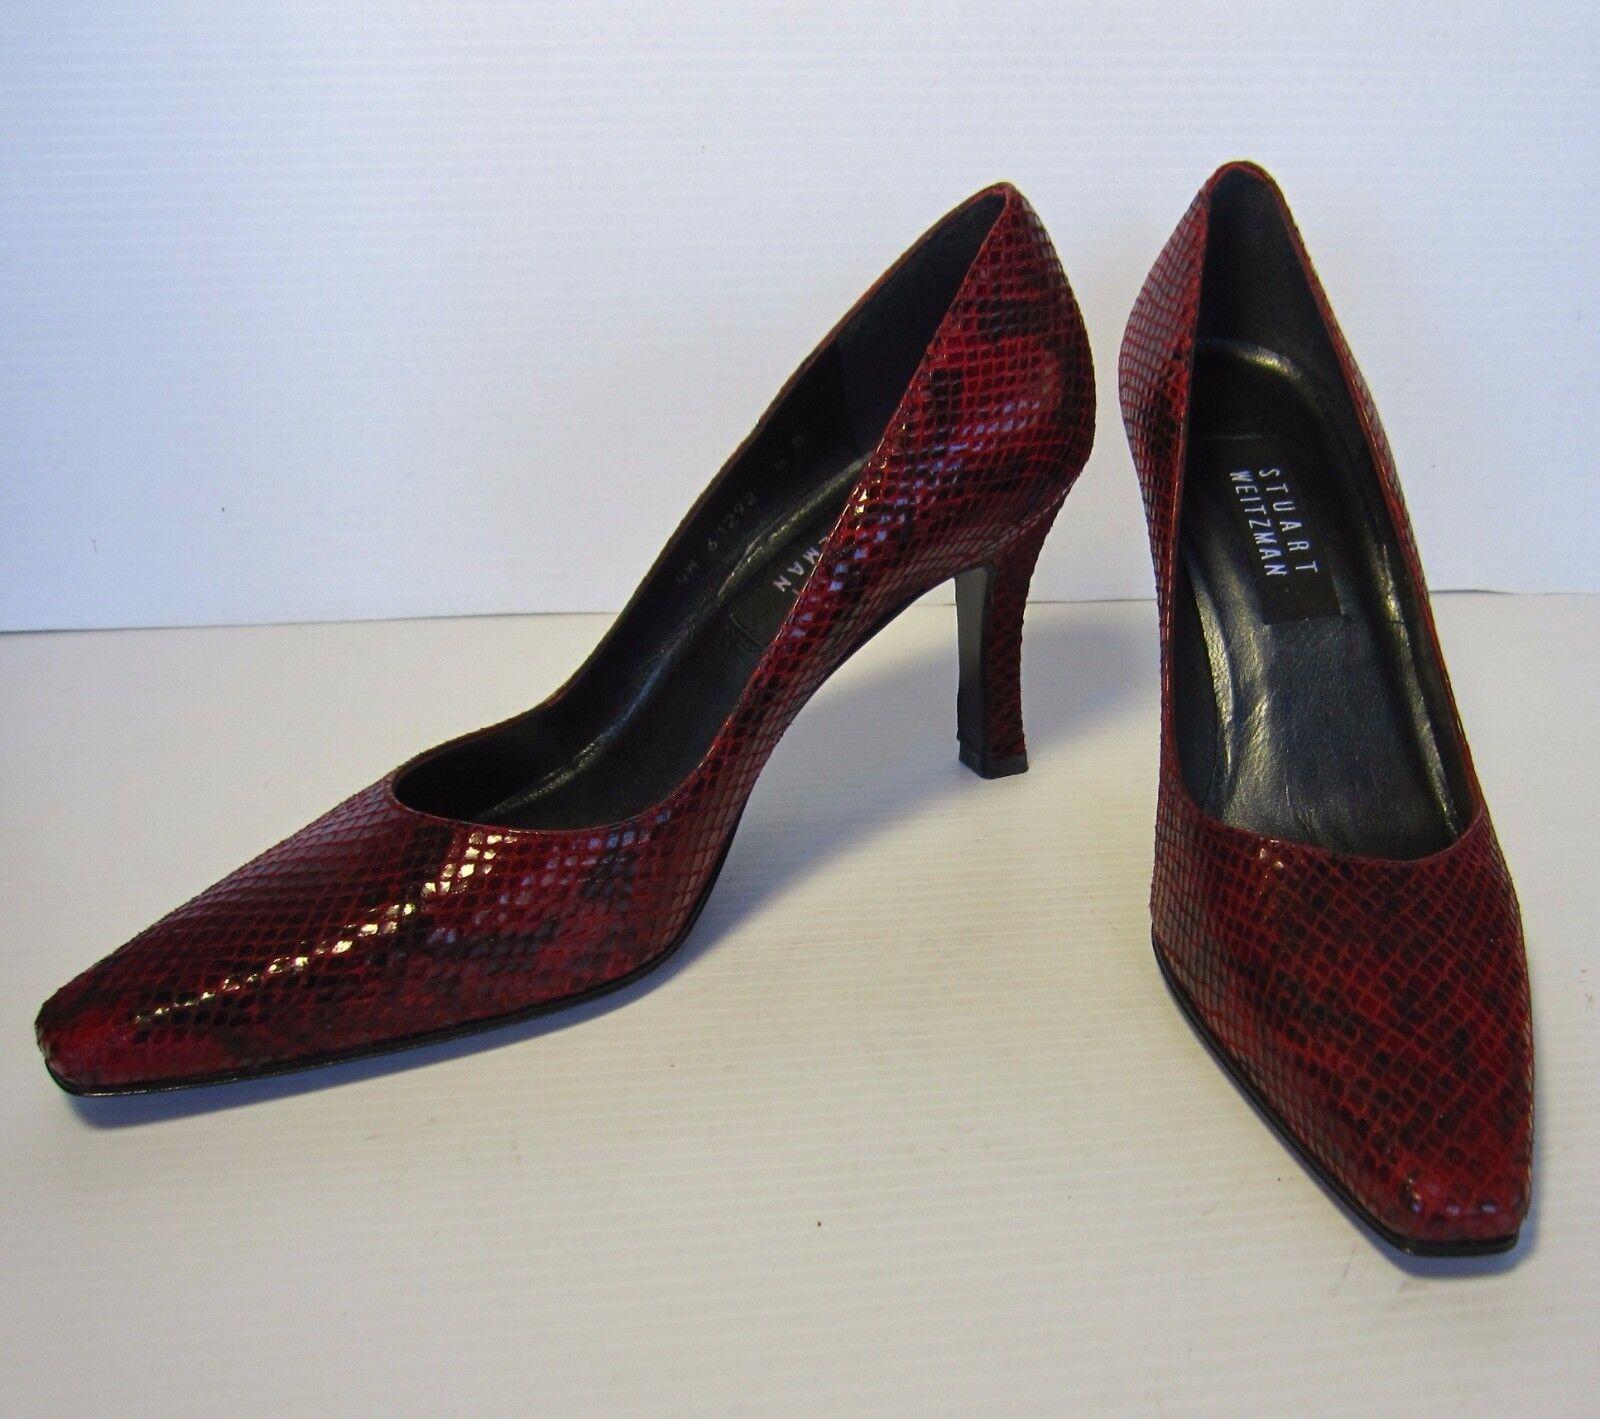 la vostra soddisfazione è il nostro obiettivo Stuart Weitzman 3.5  Heels scarpe 8 B rosso Animal Animal Animal Print  più preferenziale